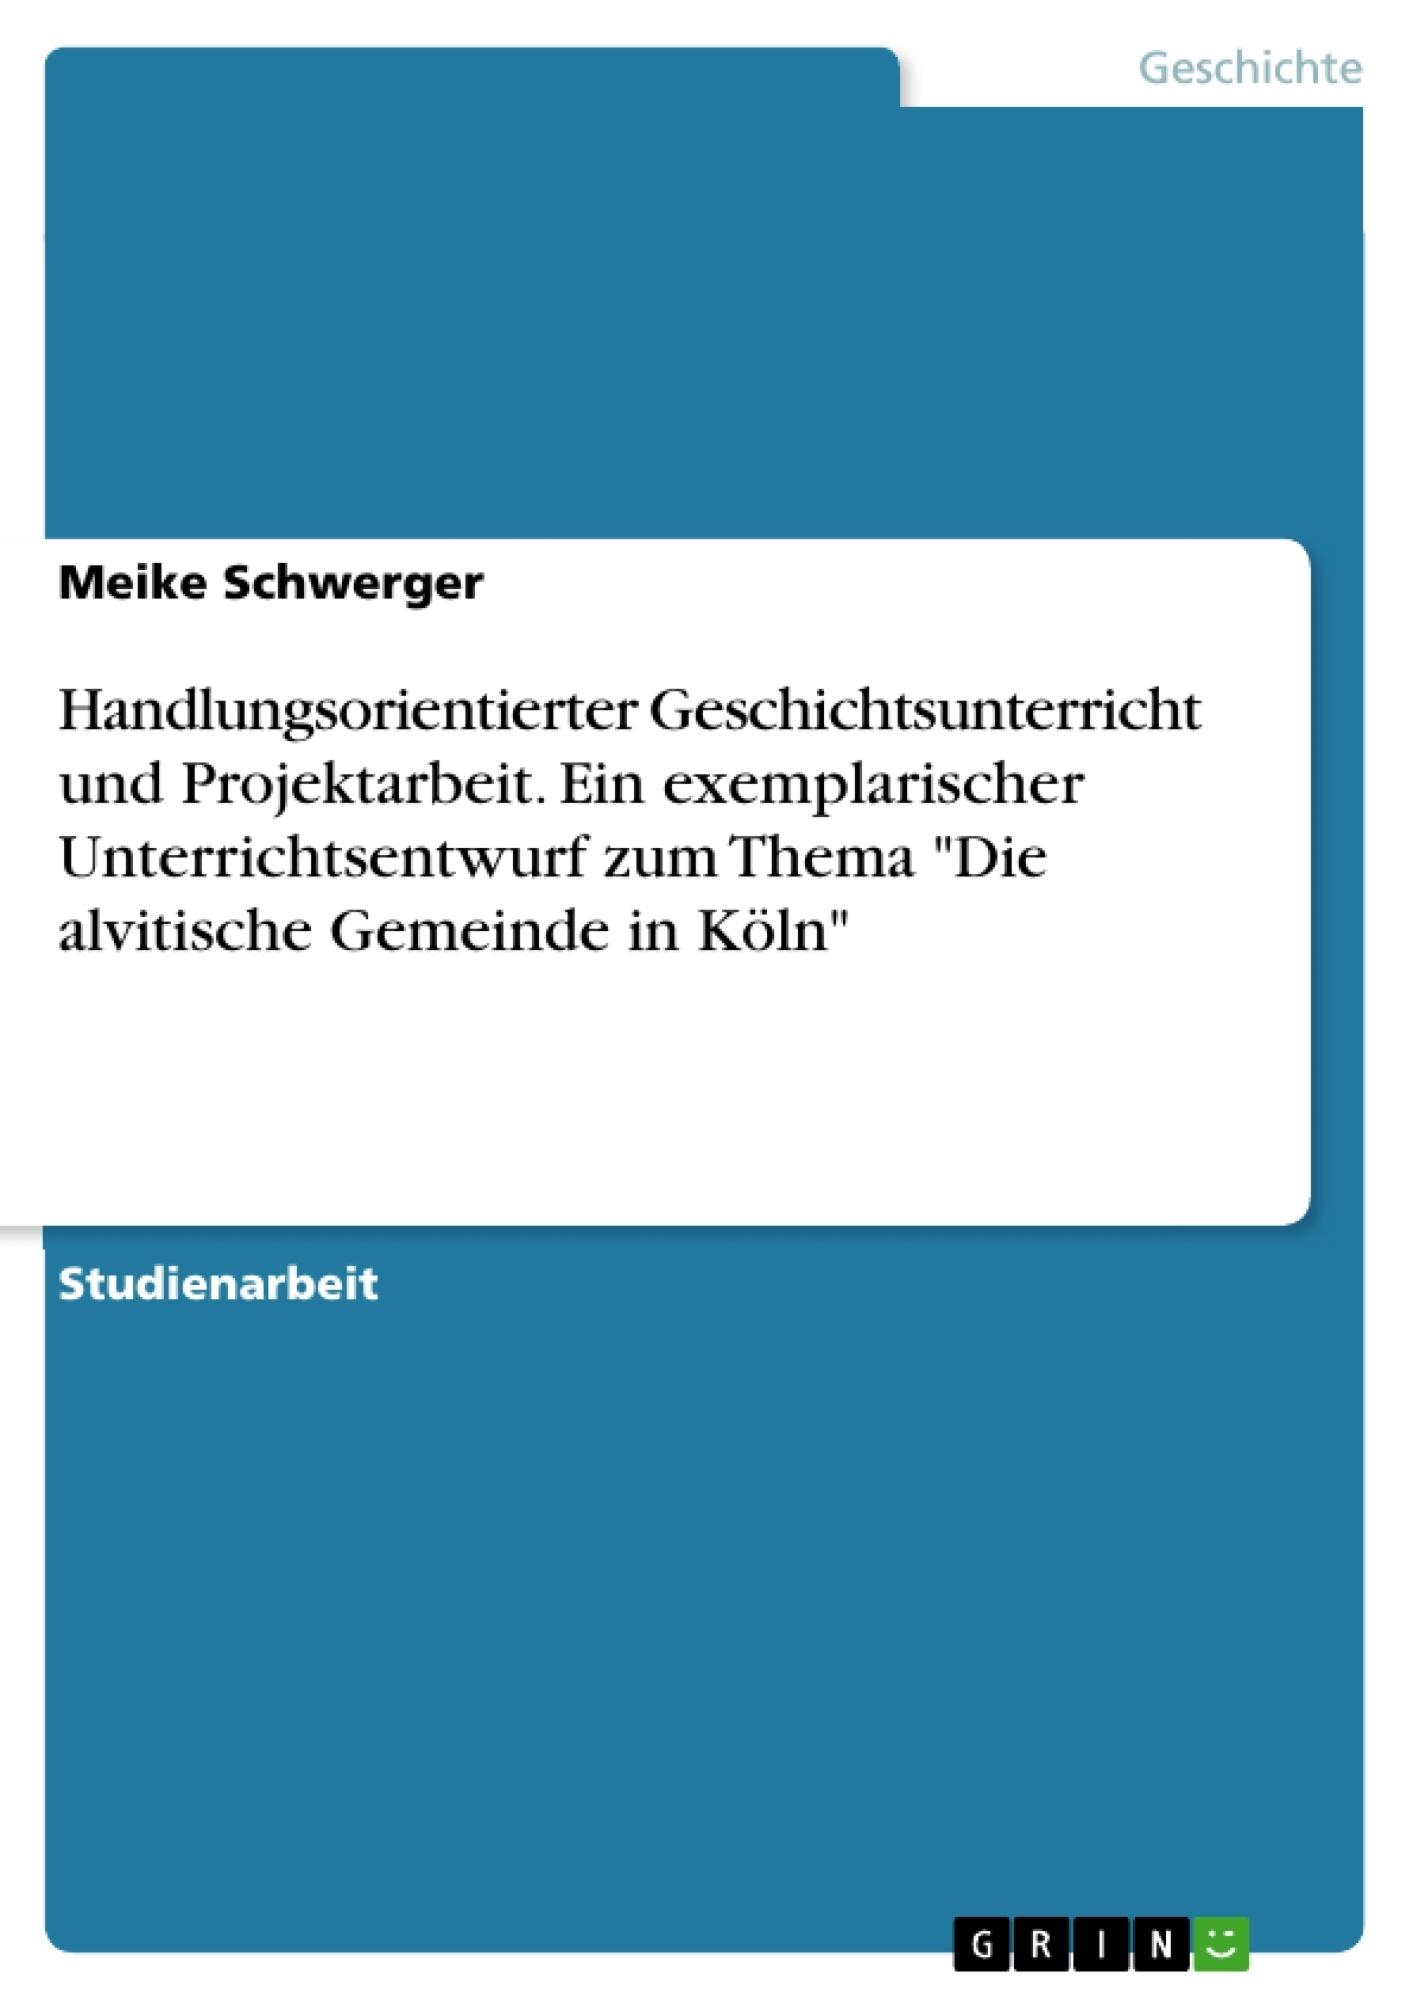 """Titel: Handlungsorientierter Geschichtsunterricht und Projektarbeit. Ein exemplarischer Unterrichtsentwurf zum Thema """"Die alvitische Gemeinde in Köln"""""""